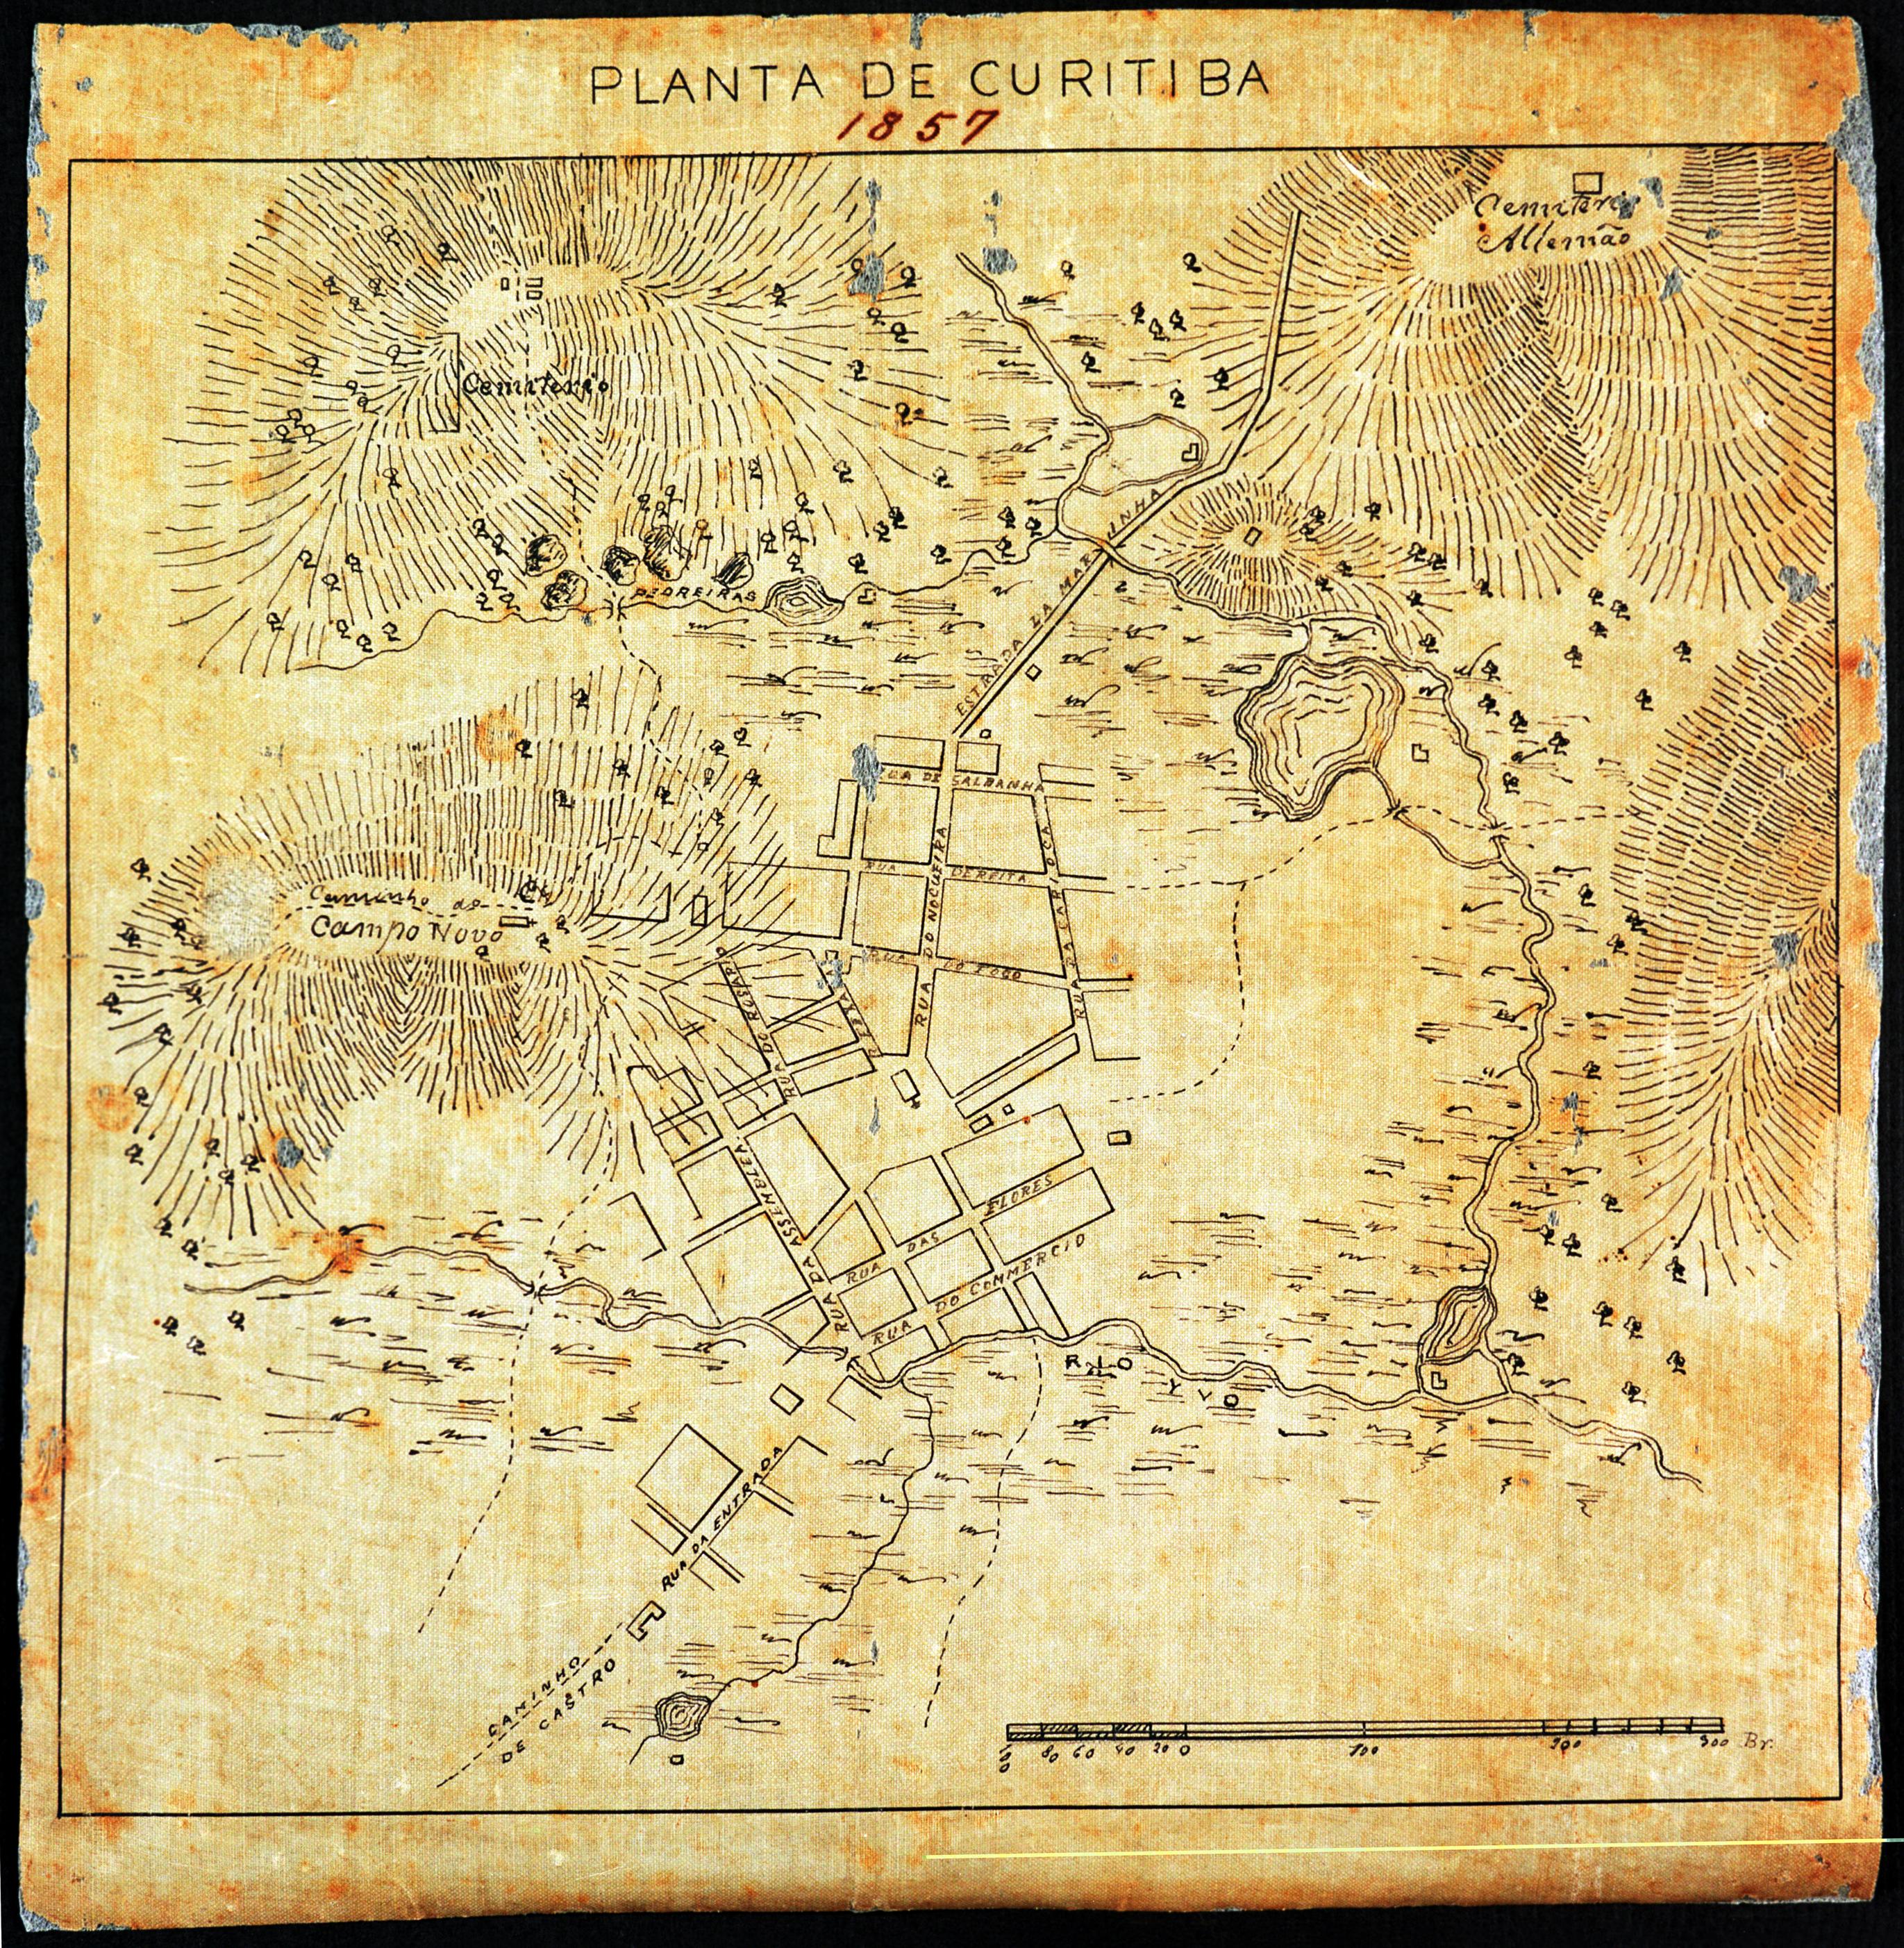 Curitiba em 1857